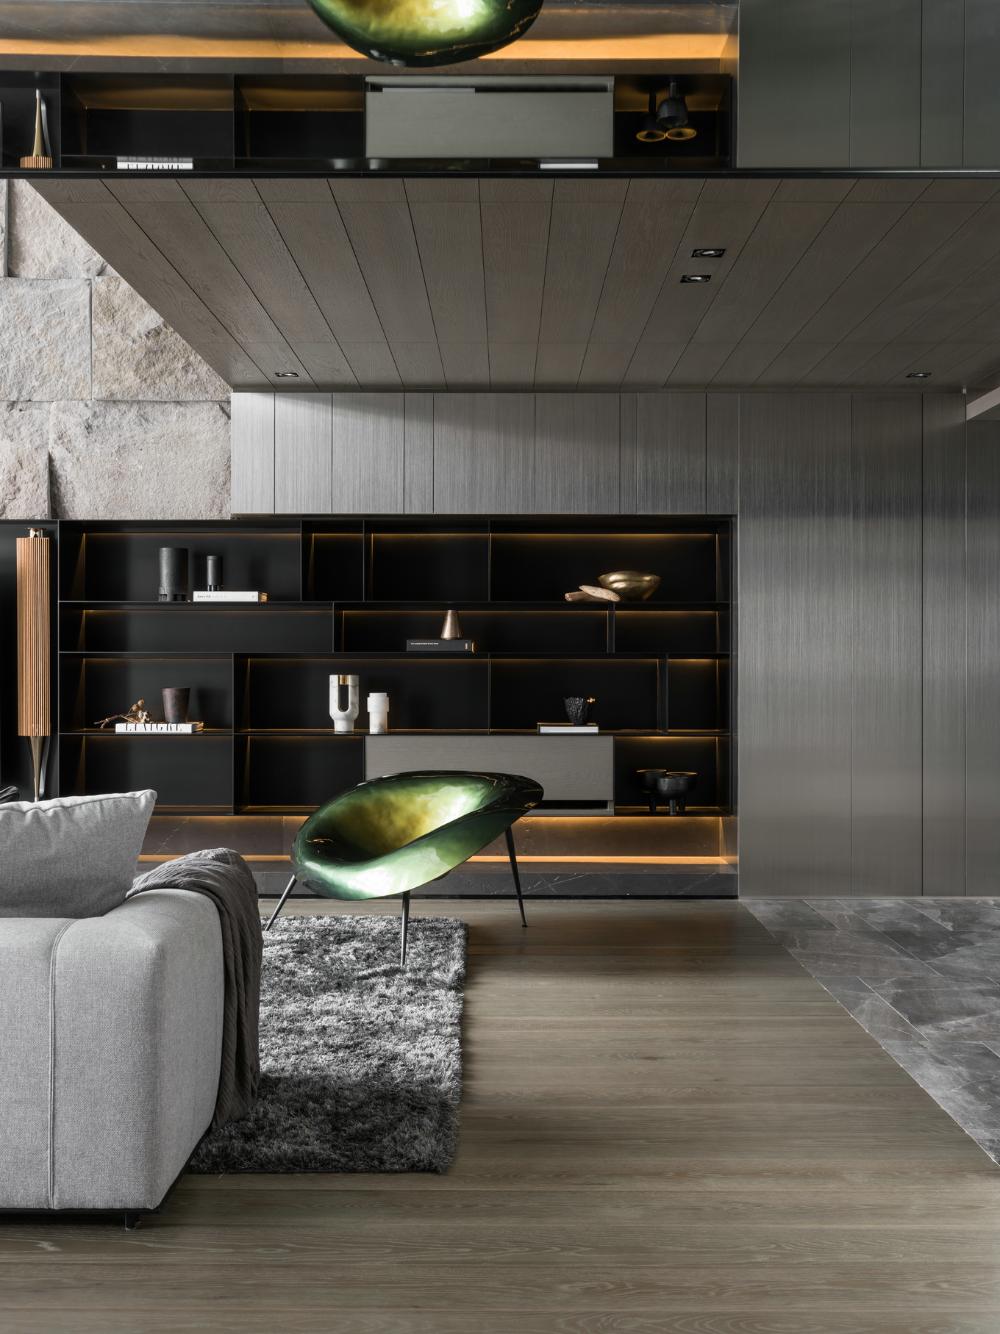 唐忠汉 285m2 顶级复式大宅 自然 安静 温润的家 室内设计 拓者